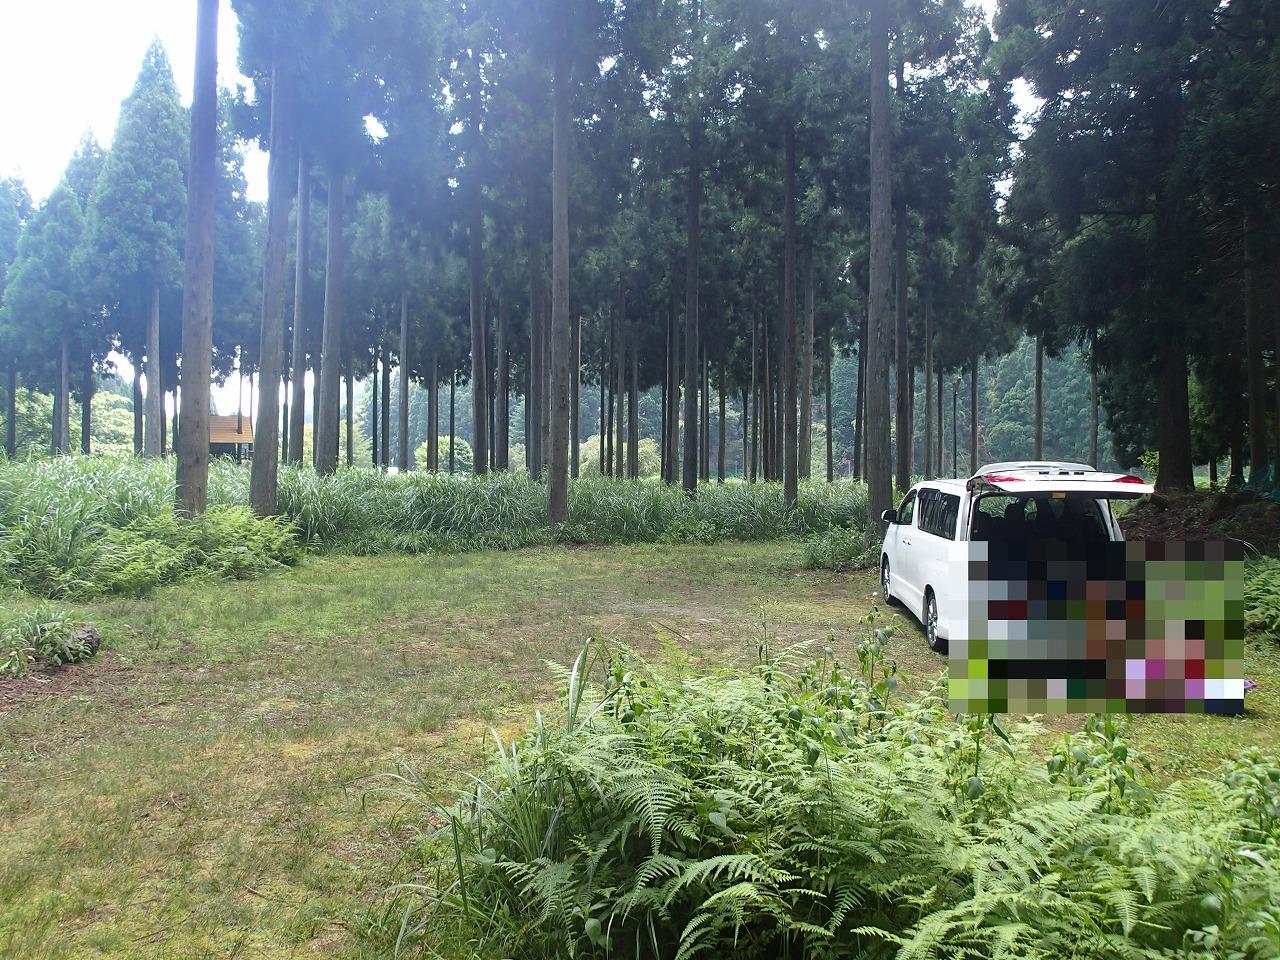 テント設営前の林間サイト